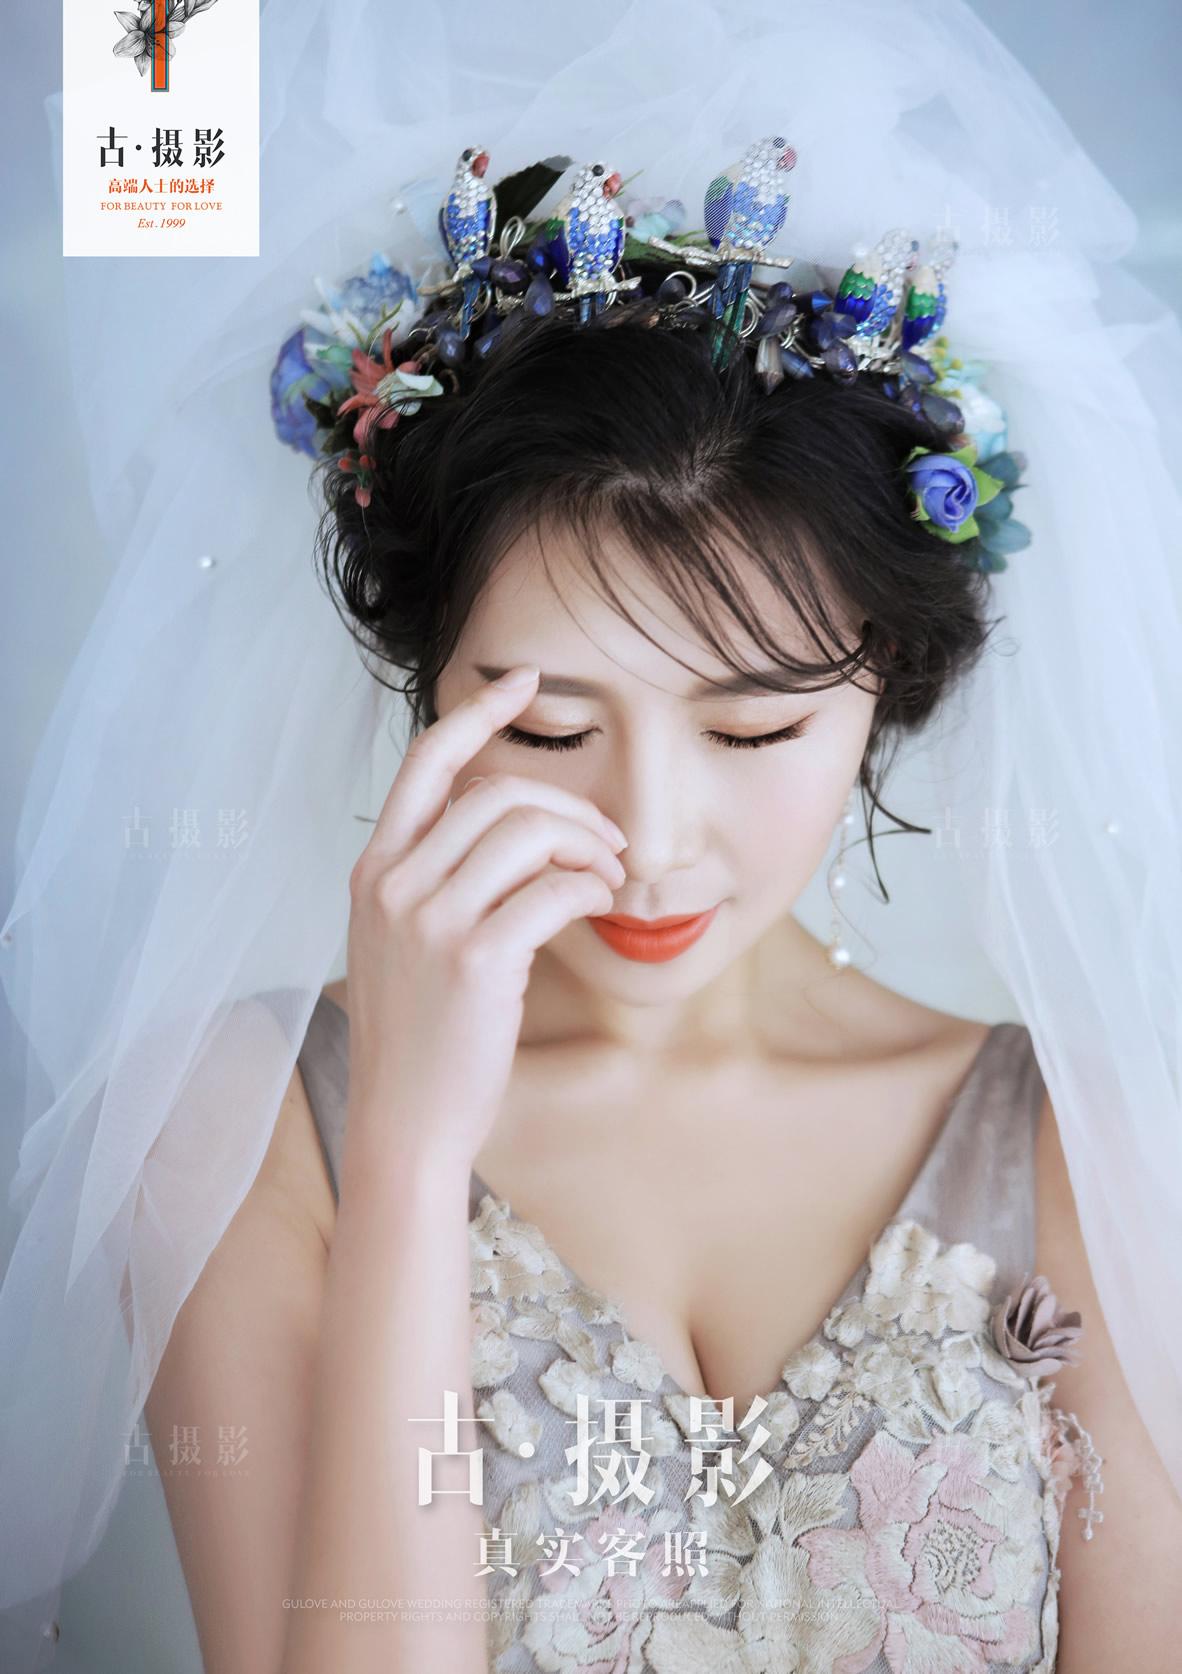 4月18日客片杨先生 李小姐 - 每日客照 - love昆明古摄影-昆明婚纱摄影网